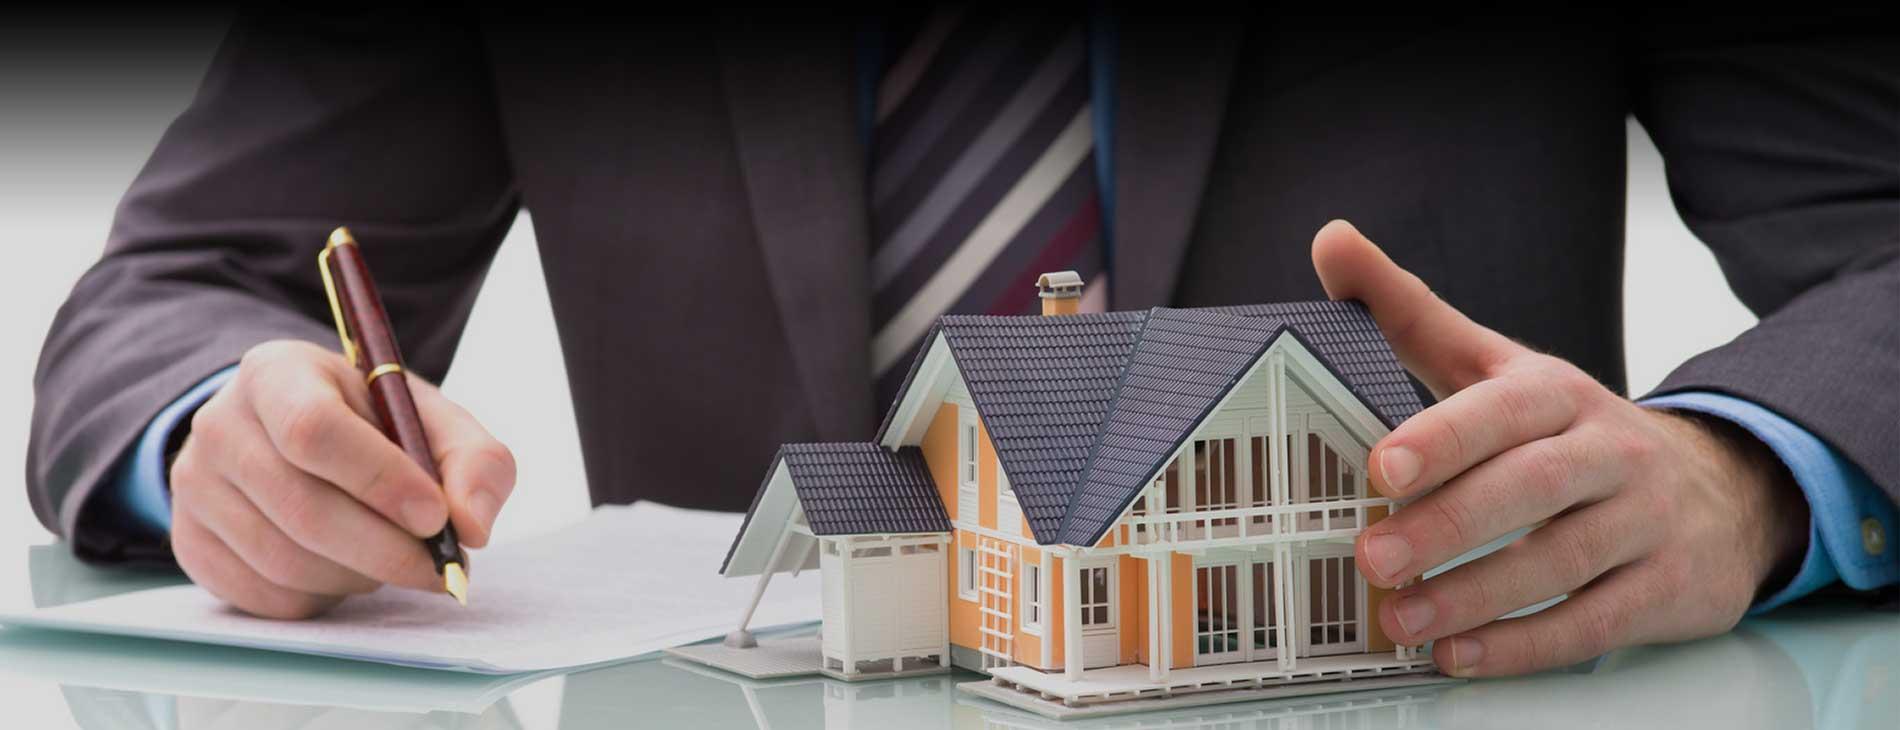 immobilienbewertung_1.jpg